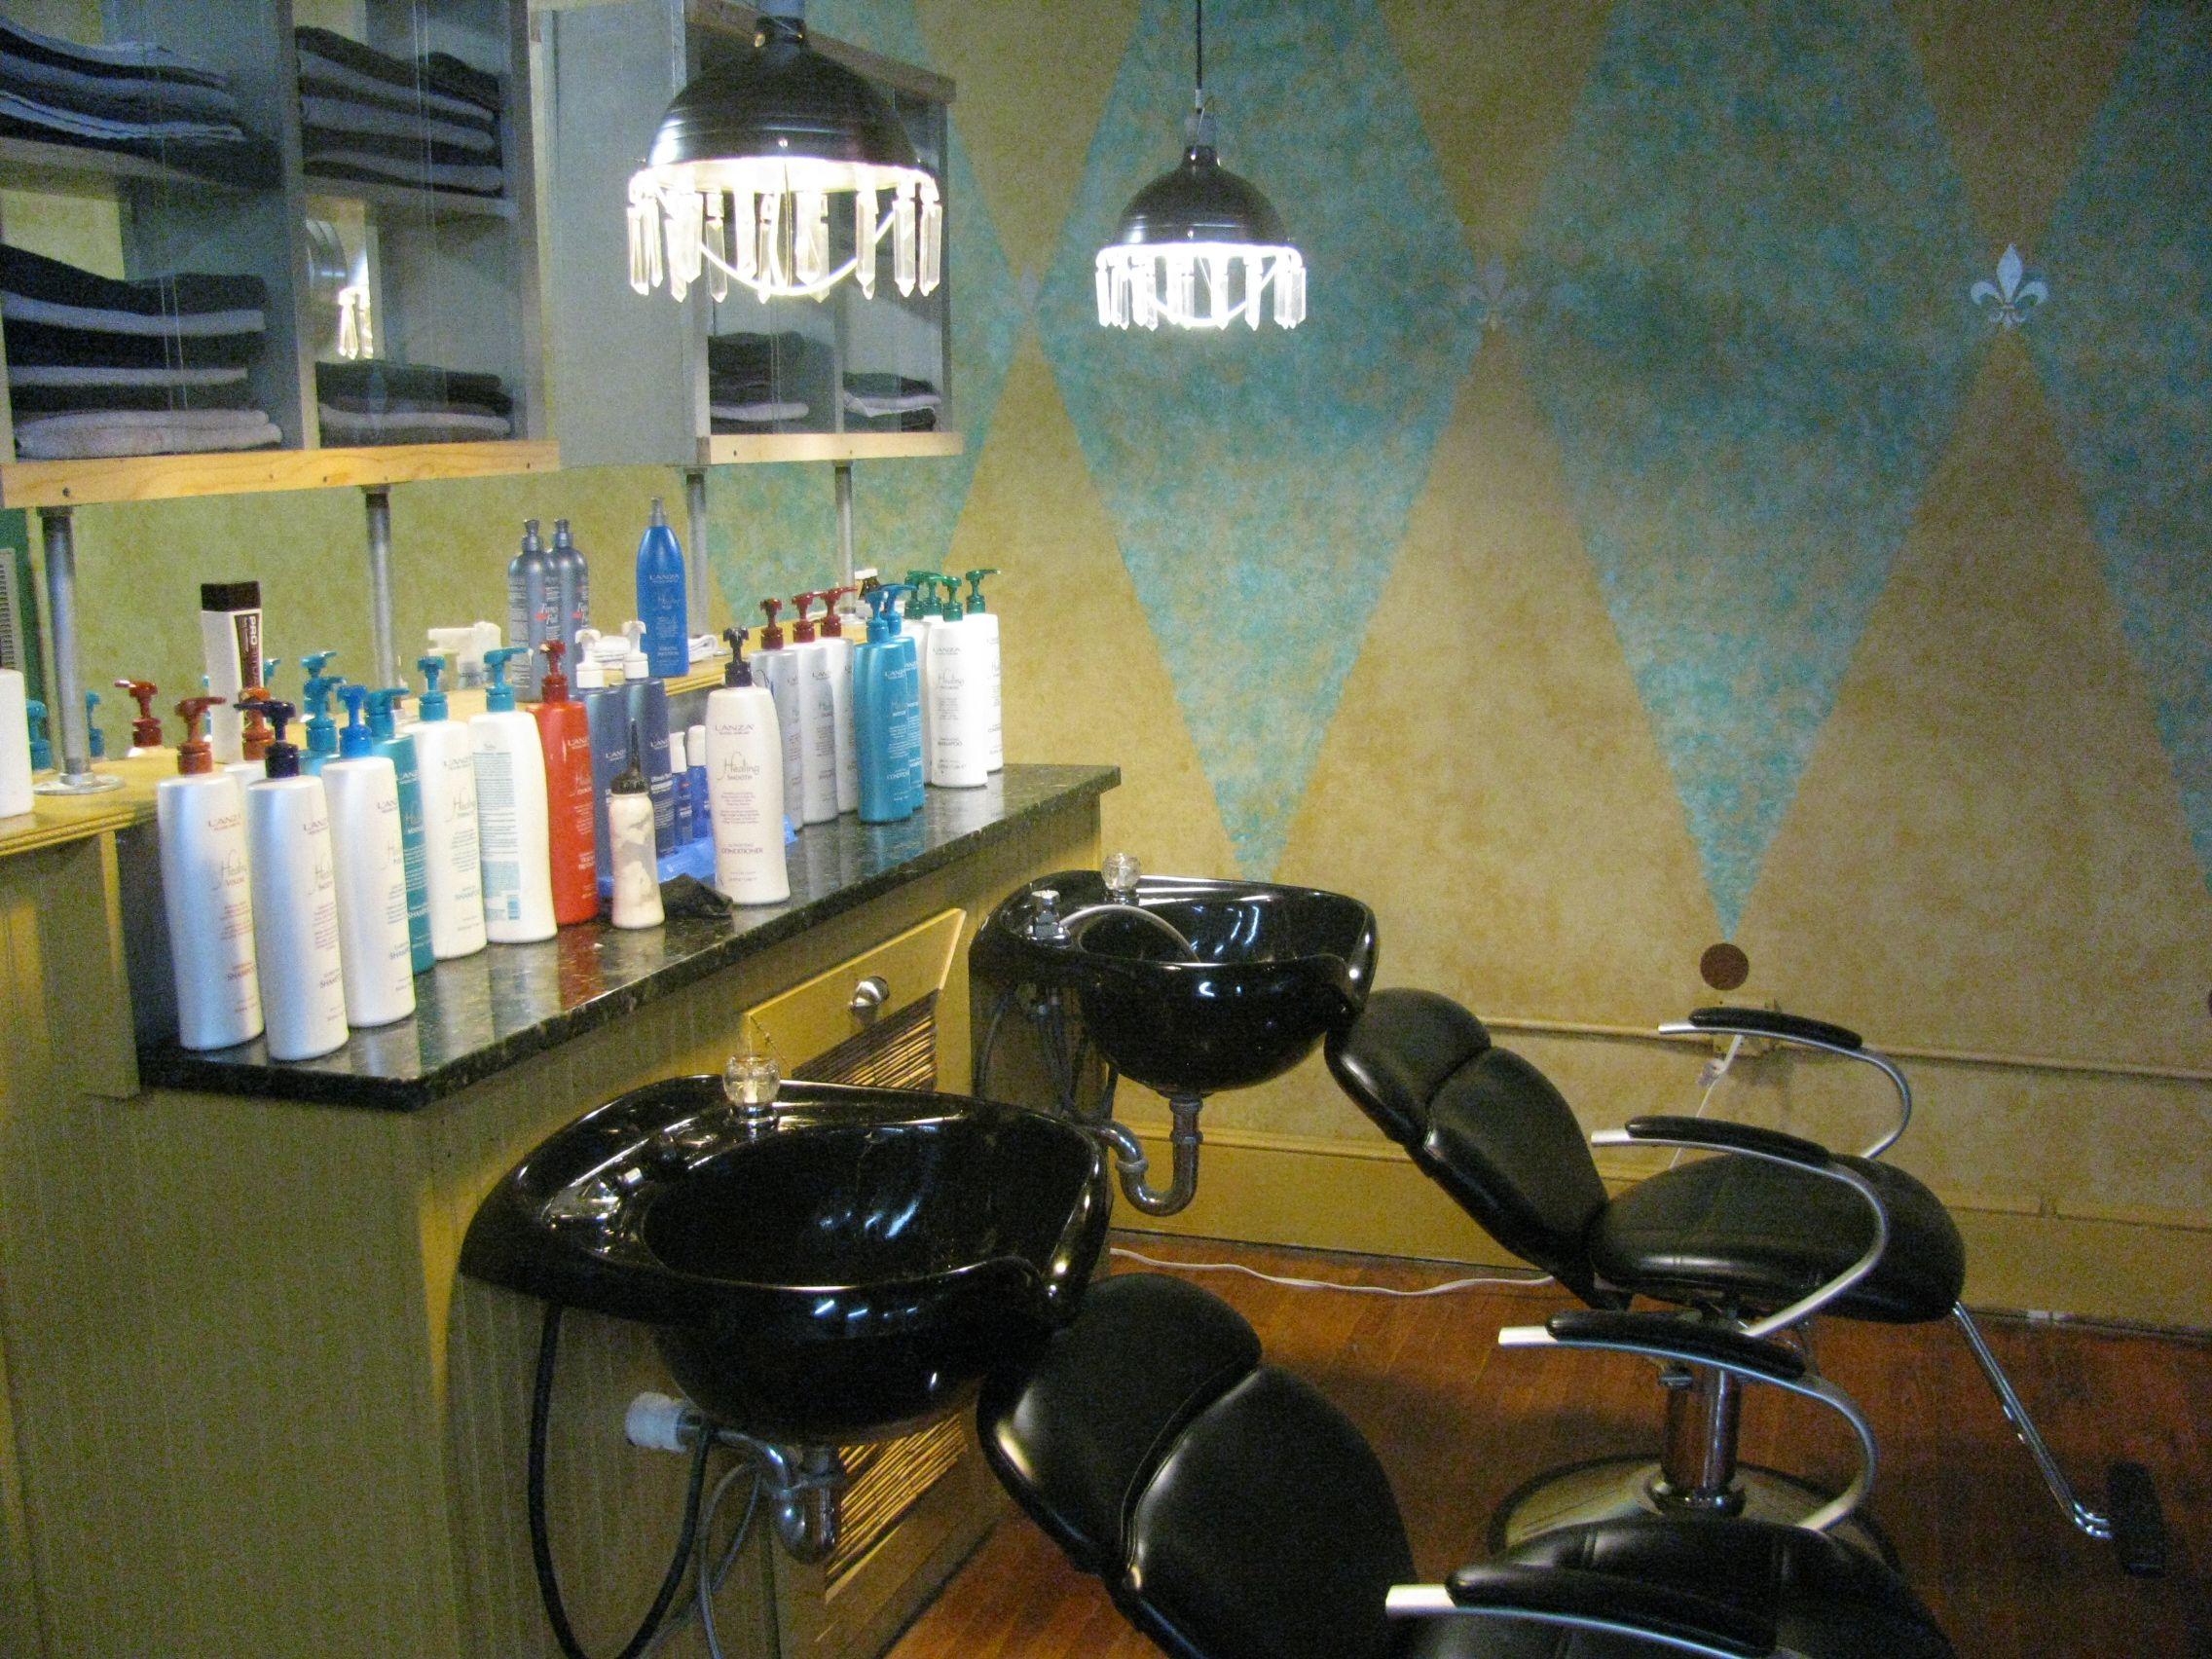 Shampoo area 1212 salon estetica pinterest estetica for 1212 salon asheboro